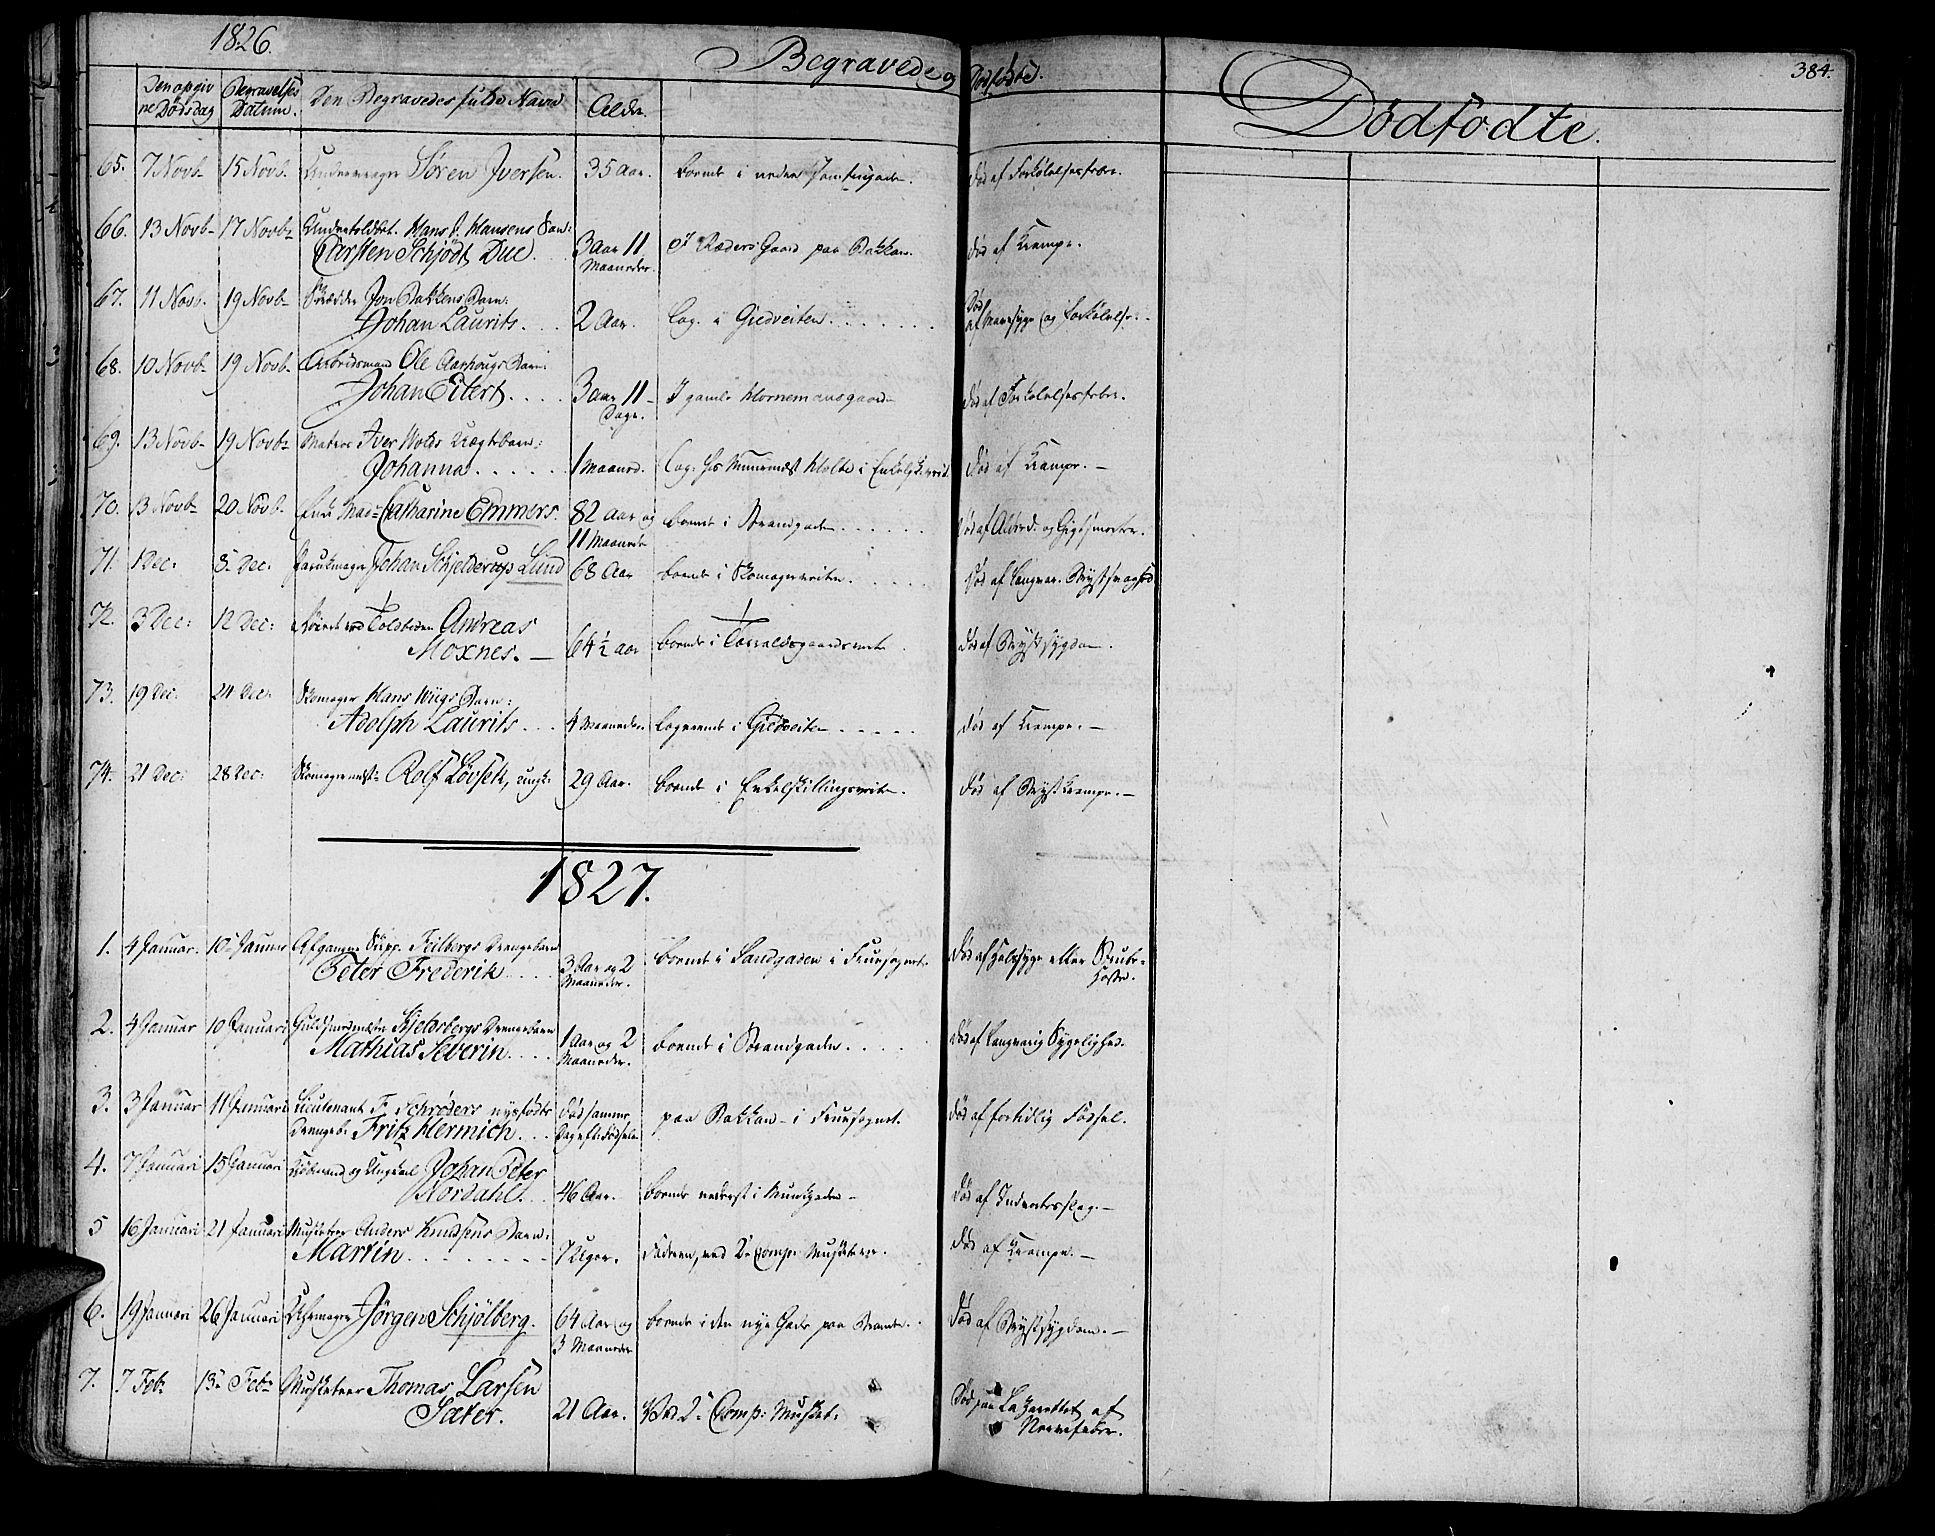 SAT, Ministerialprotokoller, klokkerbøker og fødselsregistre - Sør-Trøndelag, 602/L0109: Ministerialbok nr. 602A07, 1821-1840, s. 384